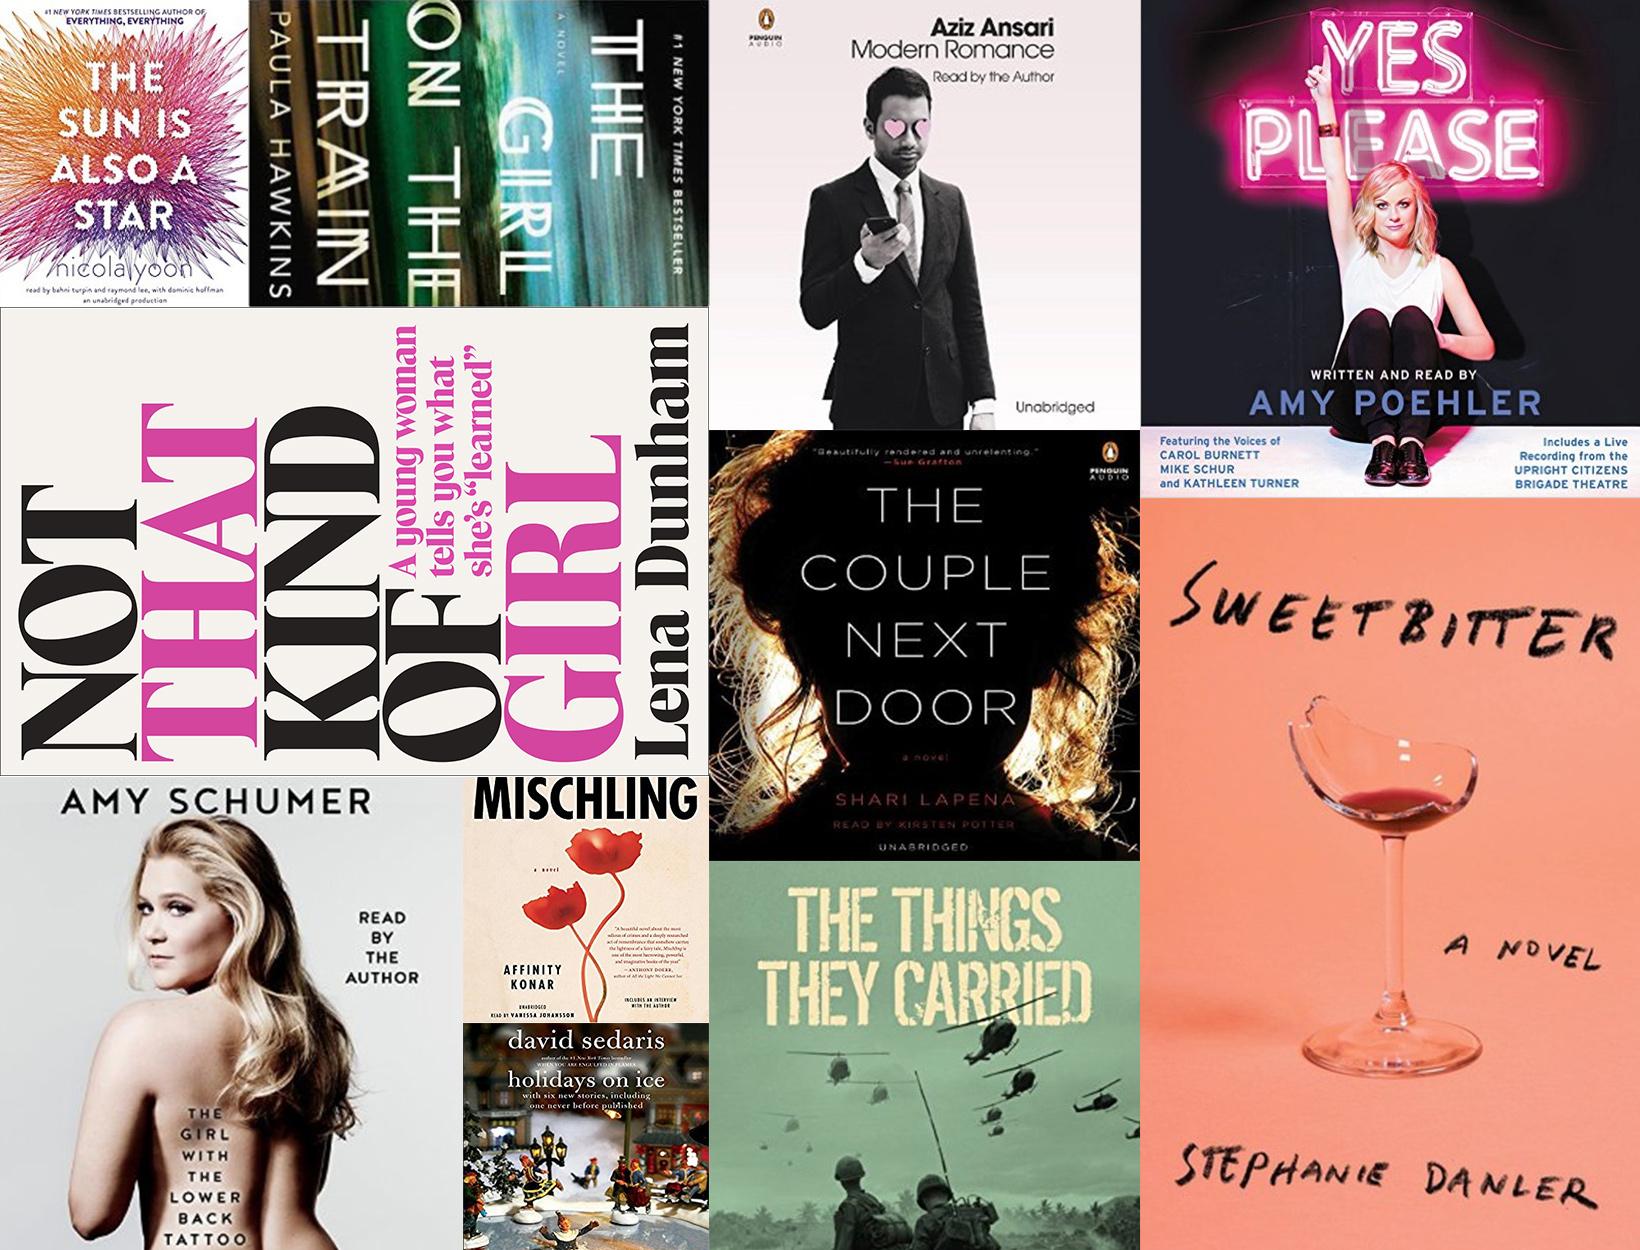 aziz ansari modern romance audiobook